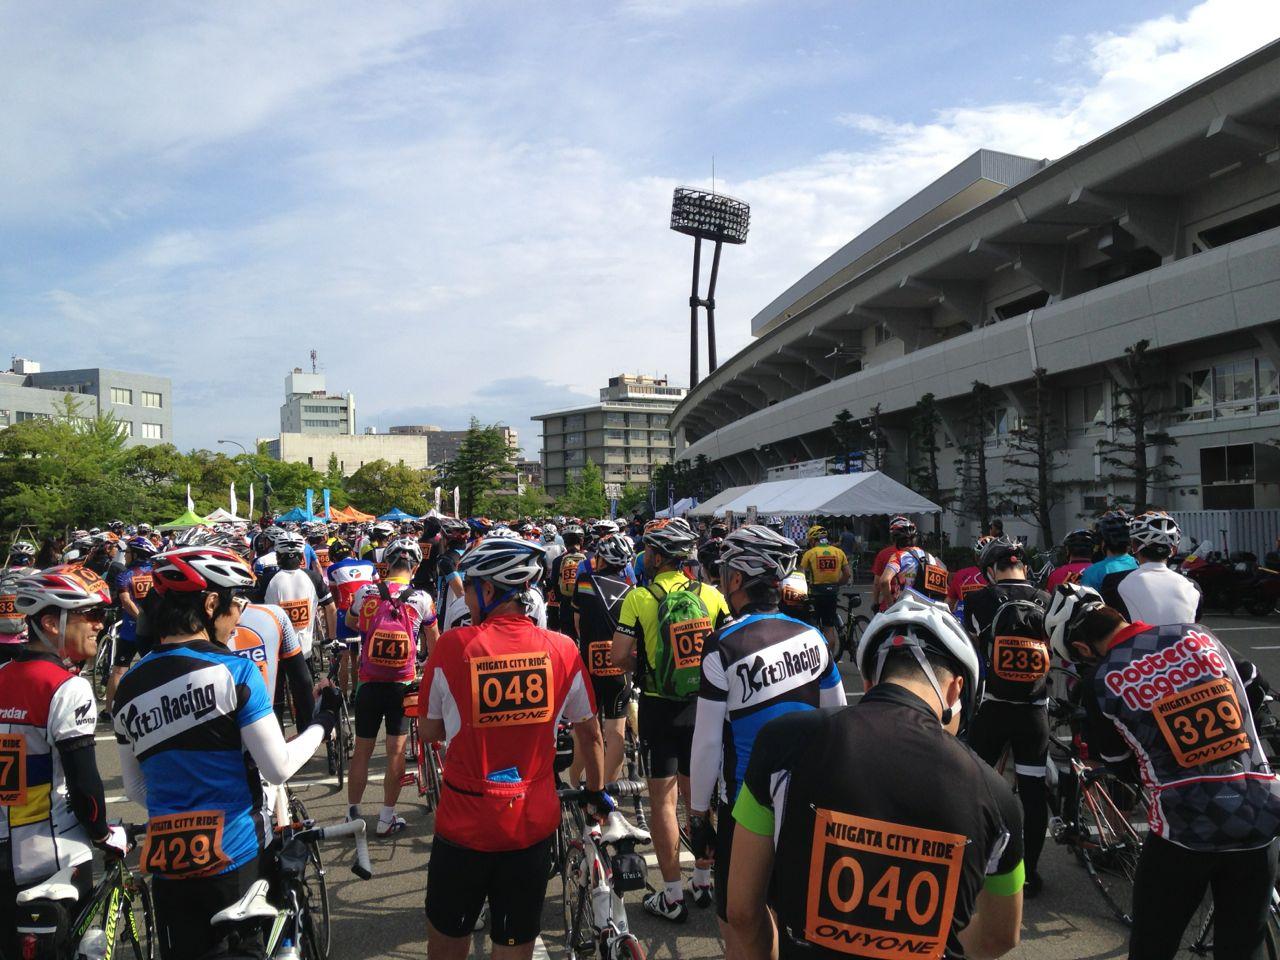 【新潟シティライド】っつー自転車イベントに参加してきたゼ!